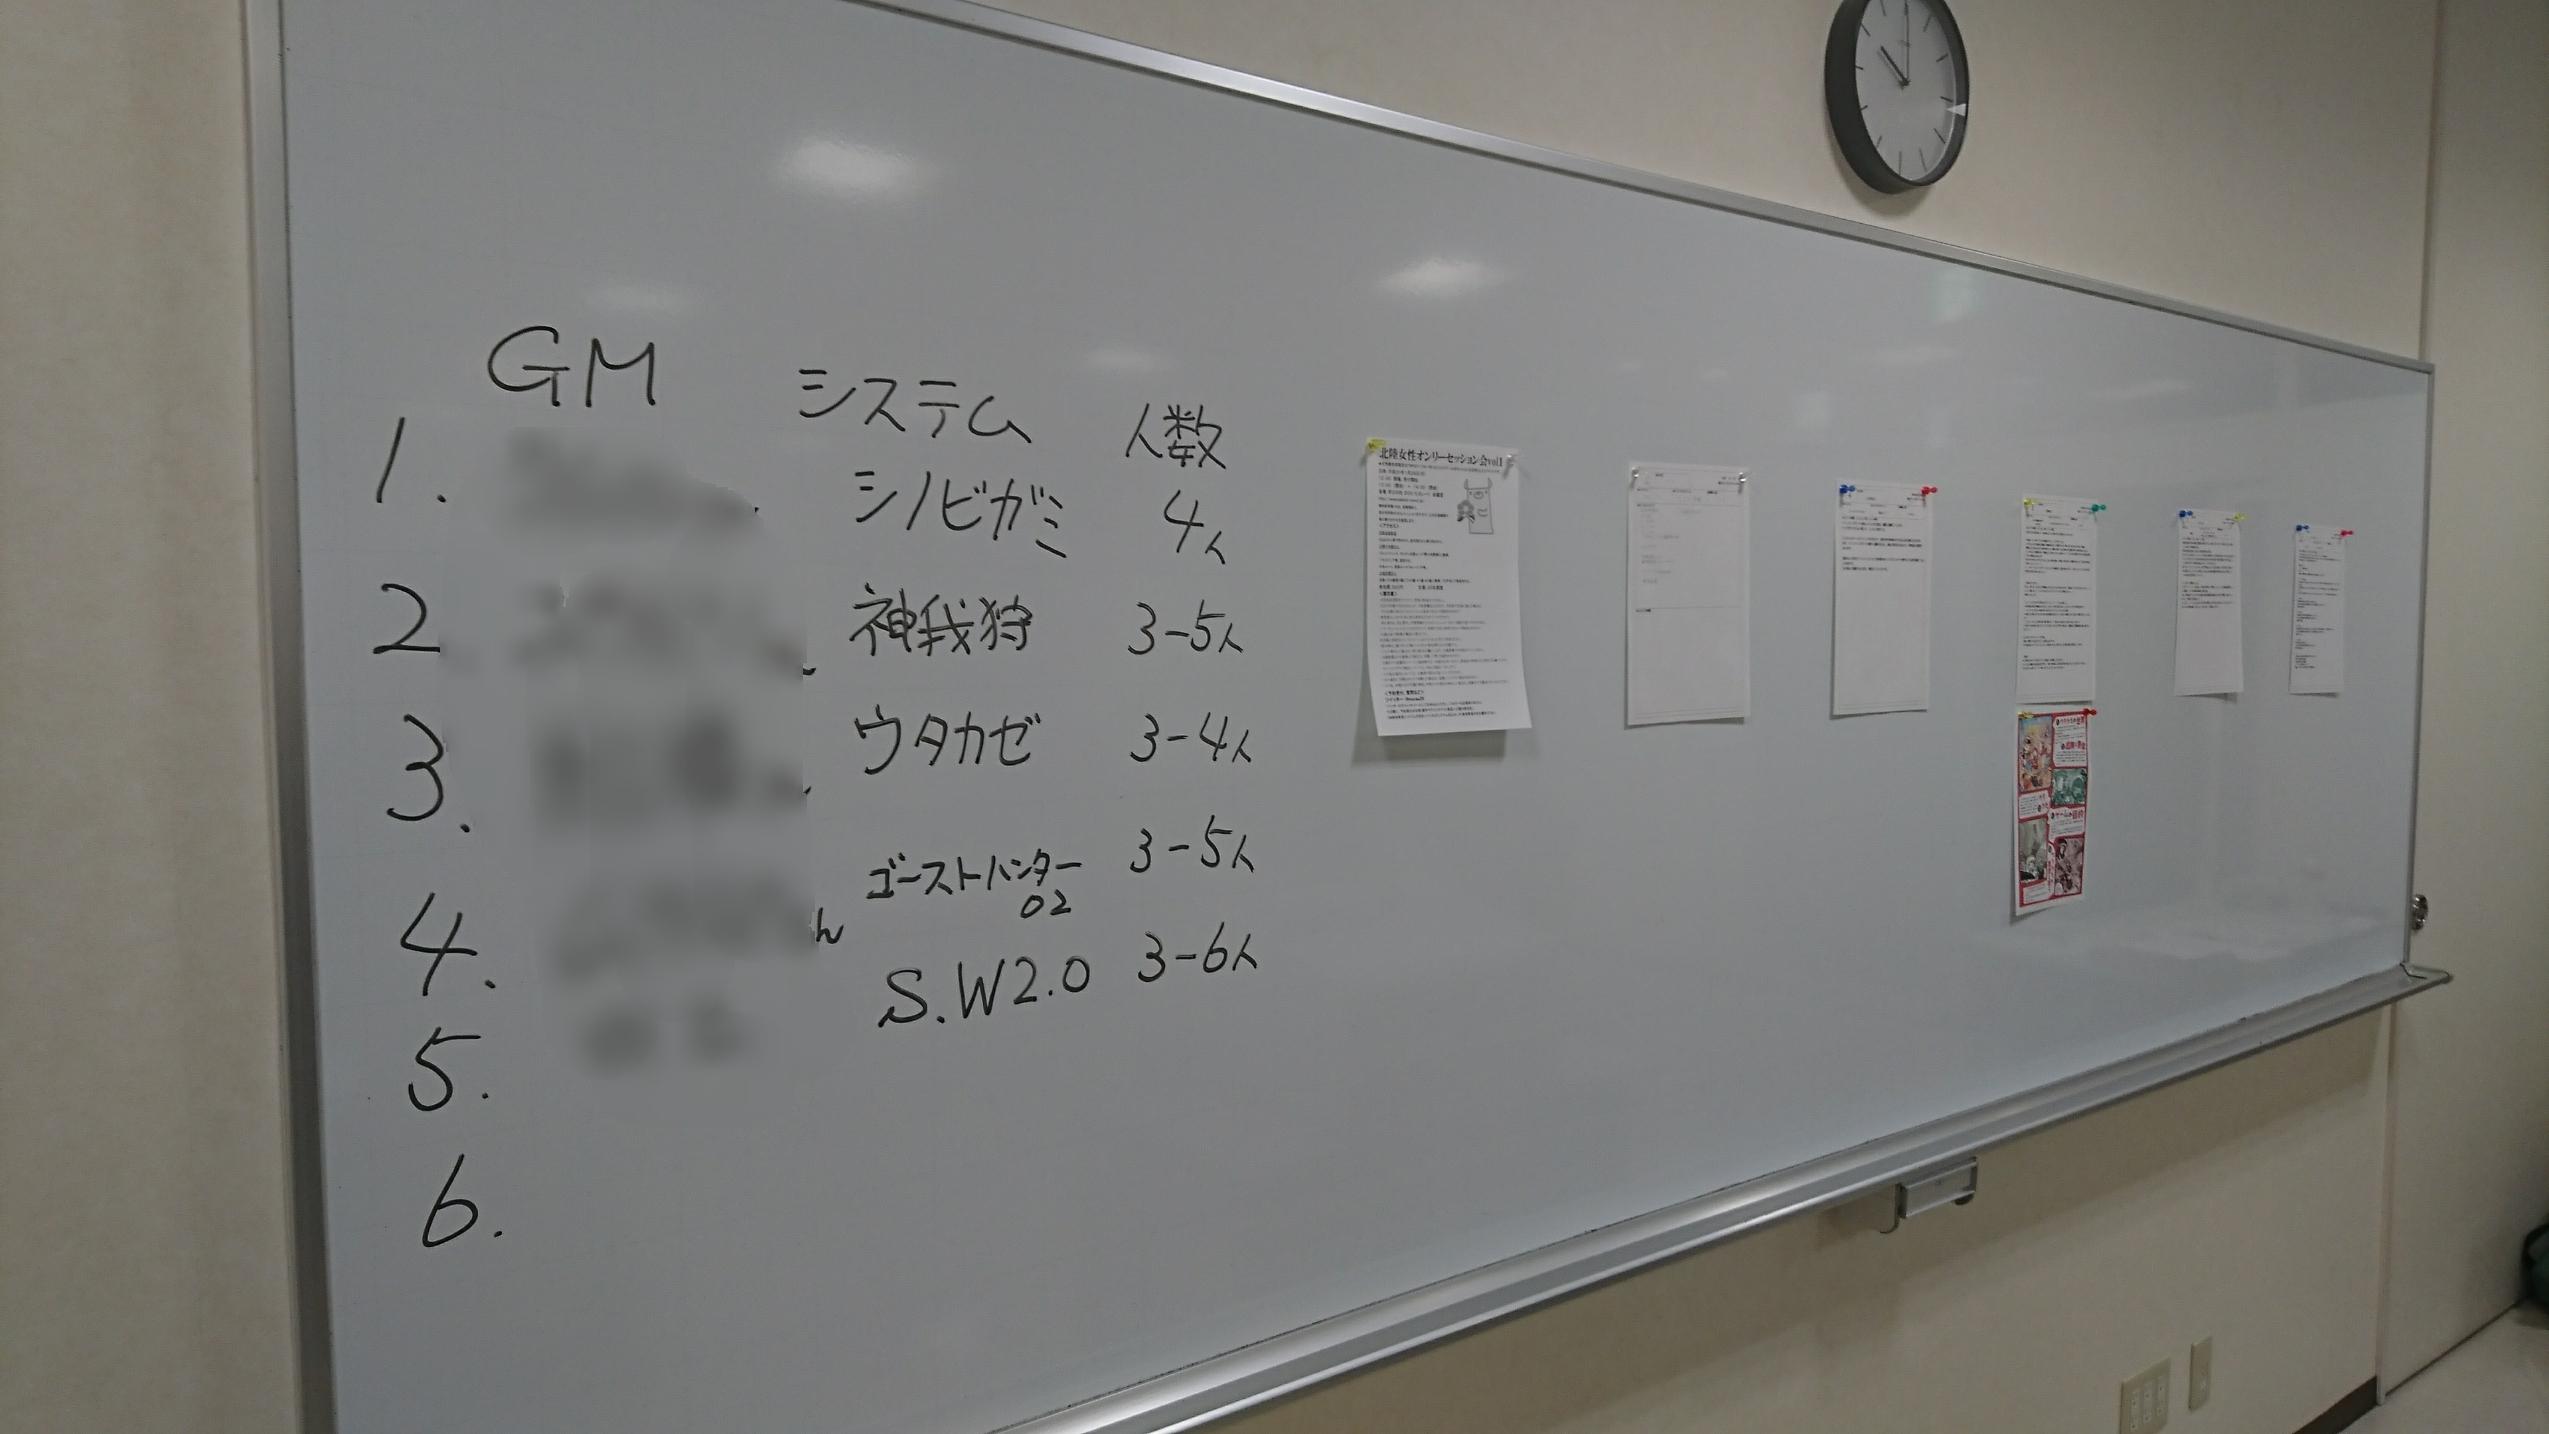 卓紹介20171210_100040